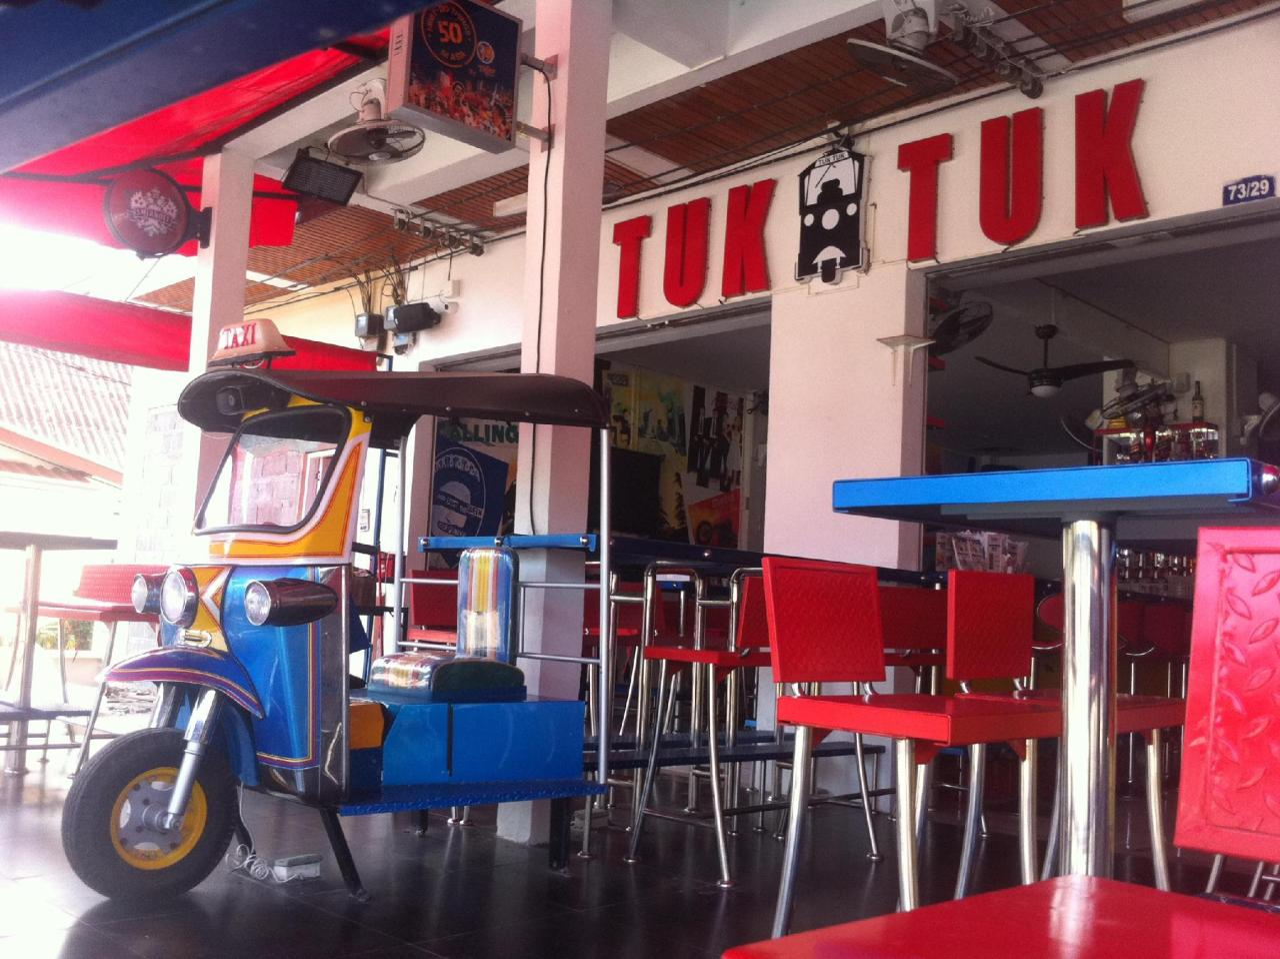 โรงแรมตุ๊กตุ๊ก (Tuk Tuk Hotel)